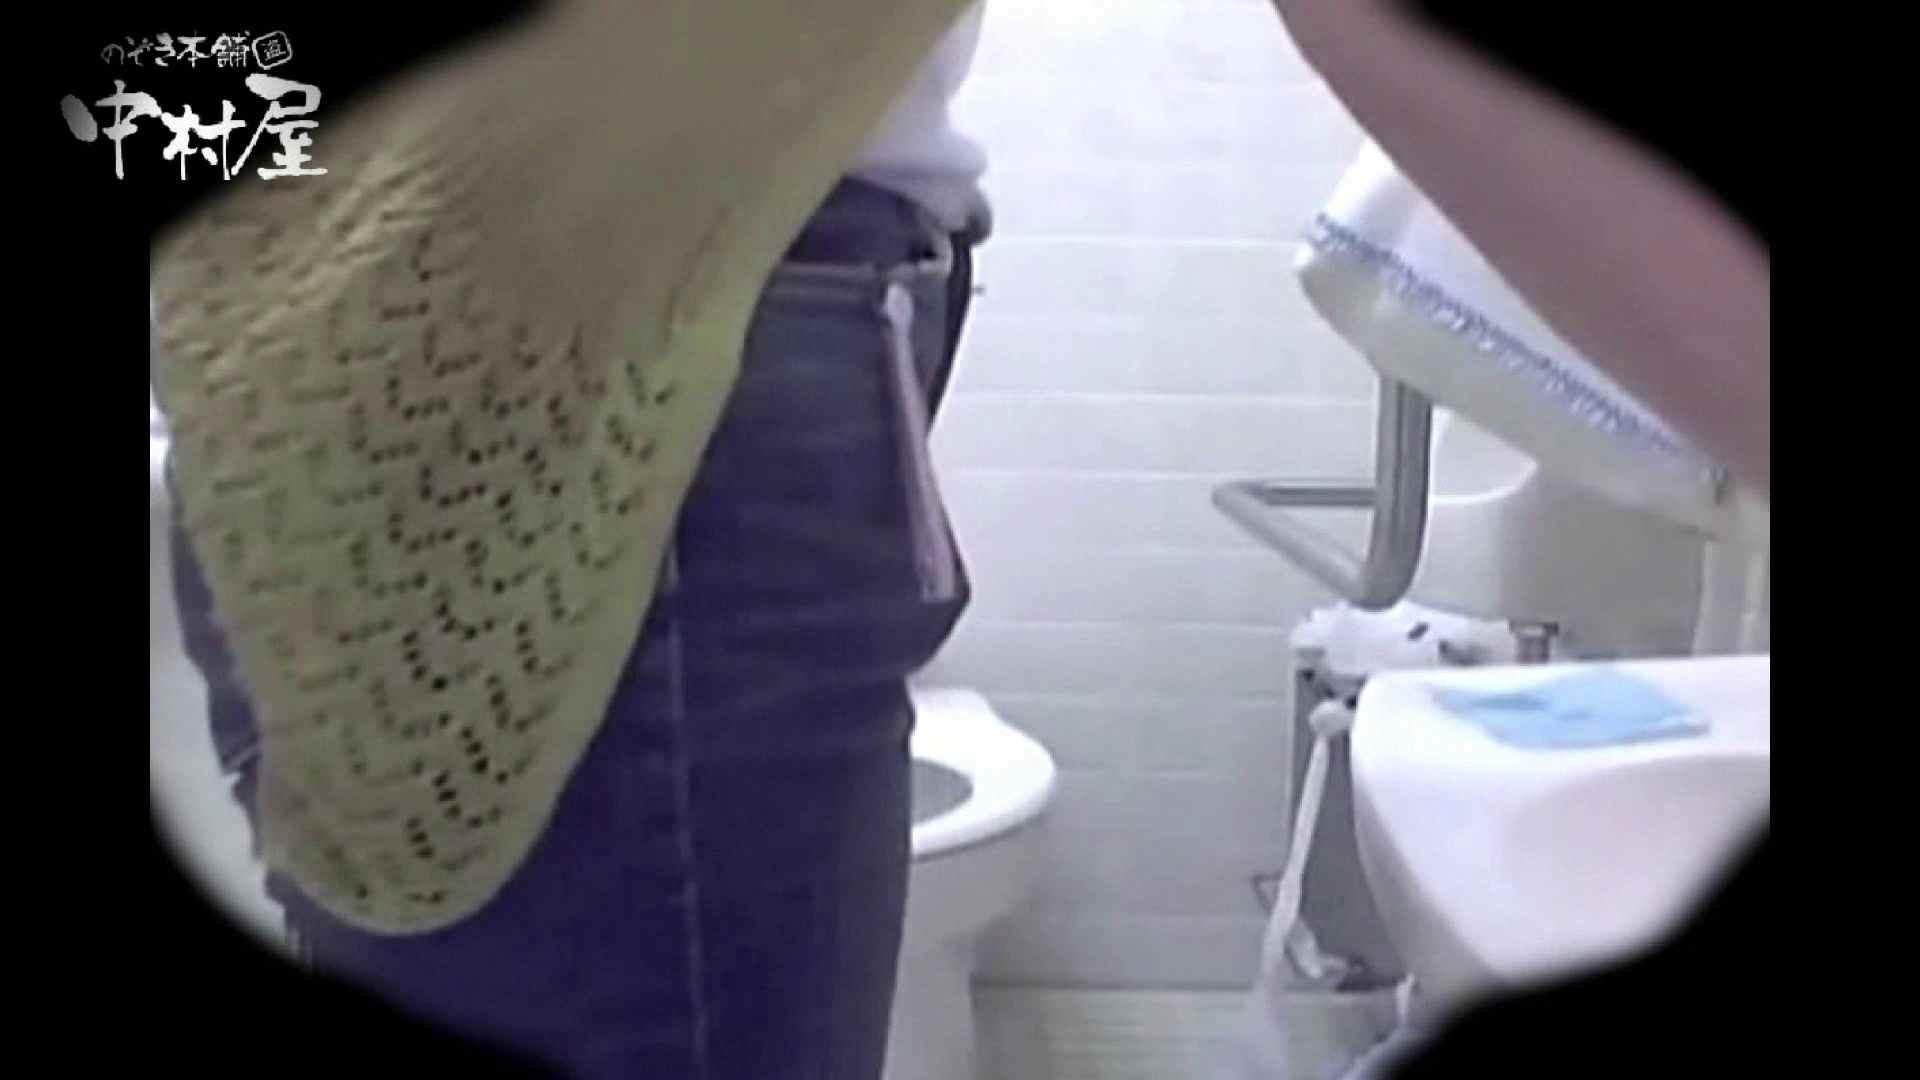 teen galトイレ覗き紙がナイ編‼vol.11 トイレ   覗き 盗撮 96PIX 91